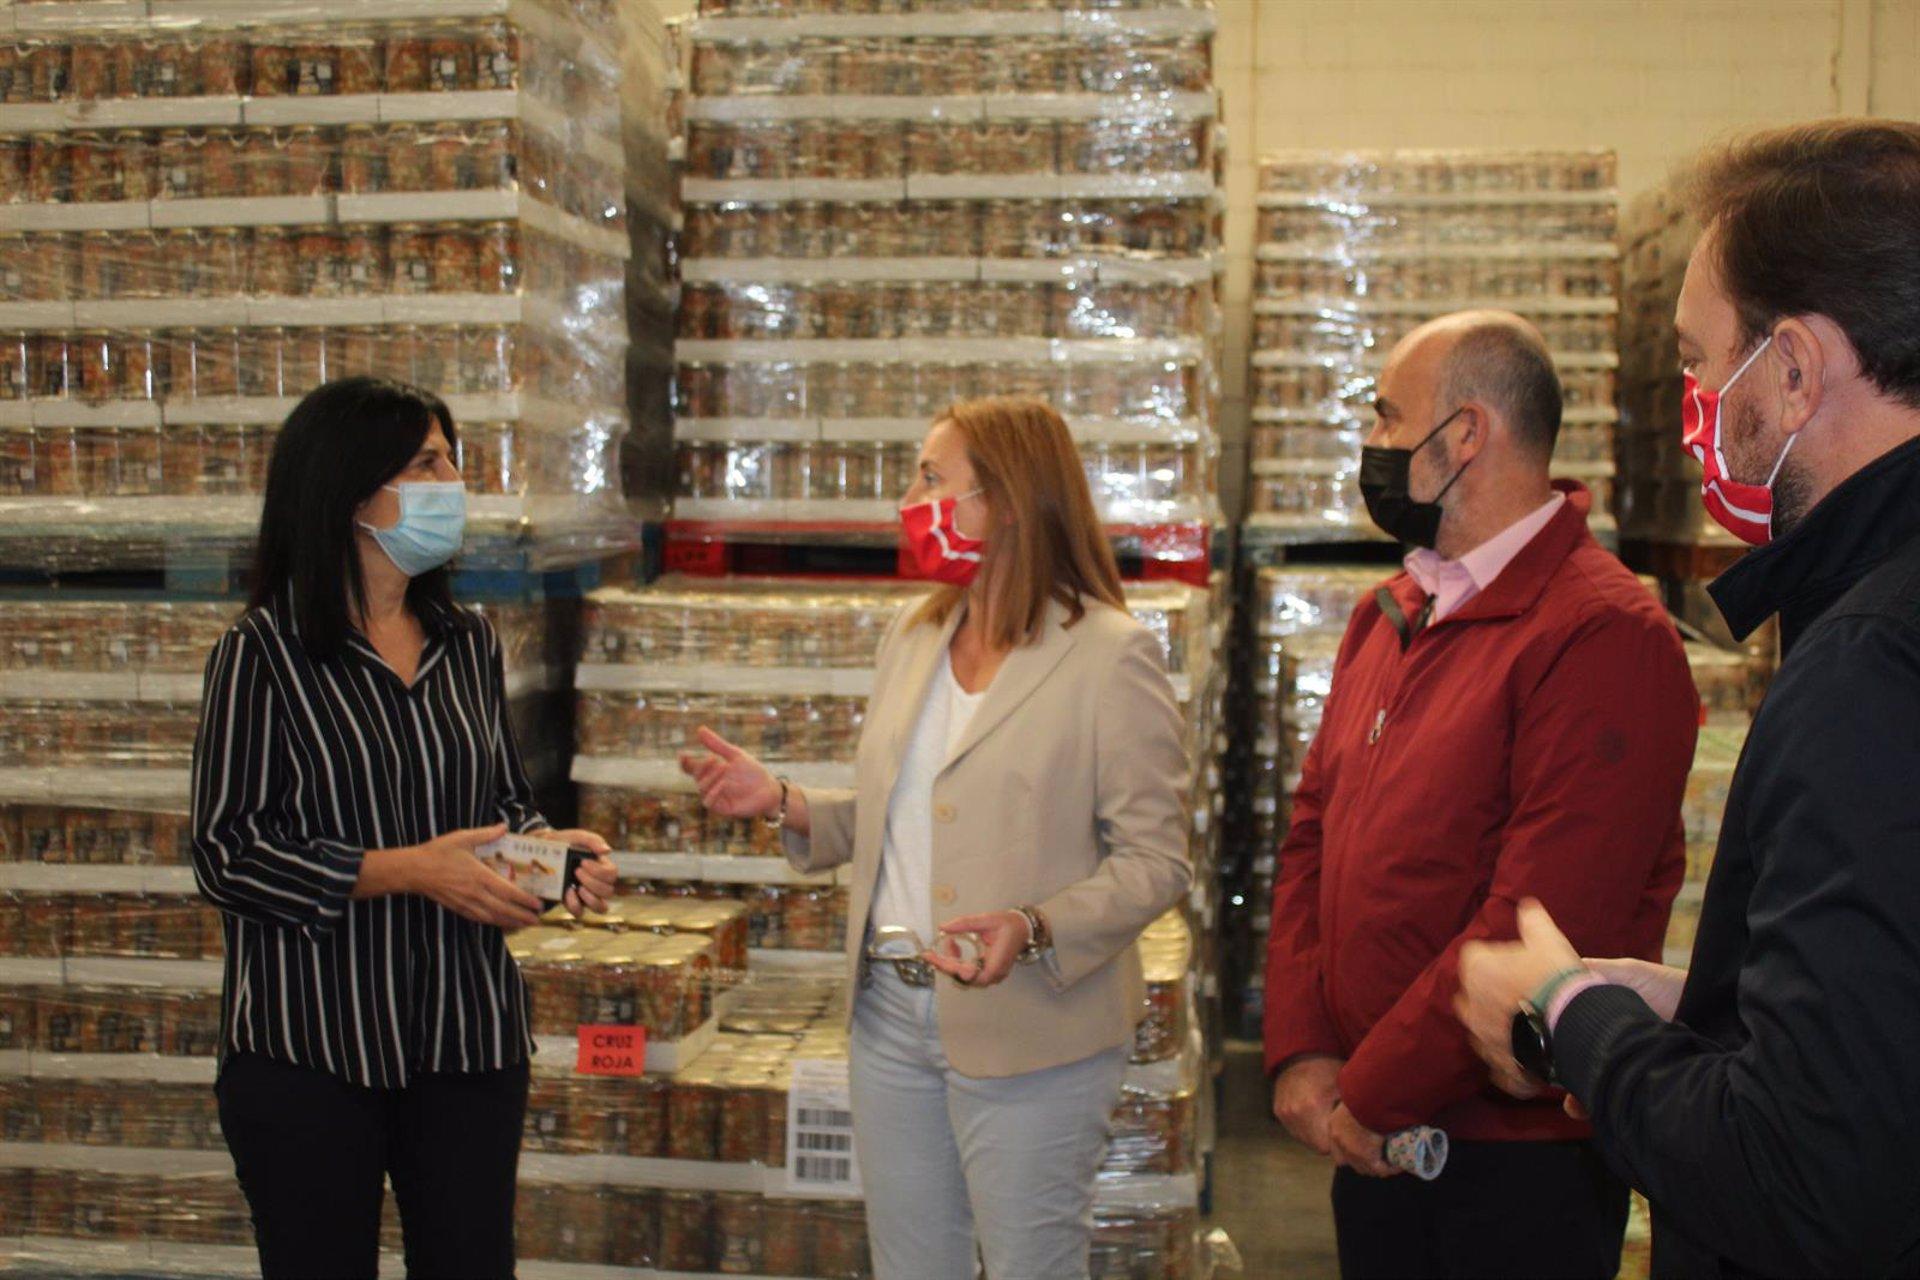 El Gobierno distribuye 811 toneladas de alimentos en segunda fase de programa de ayuda